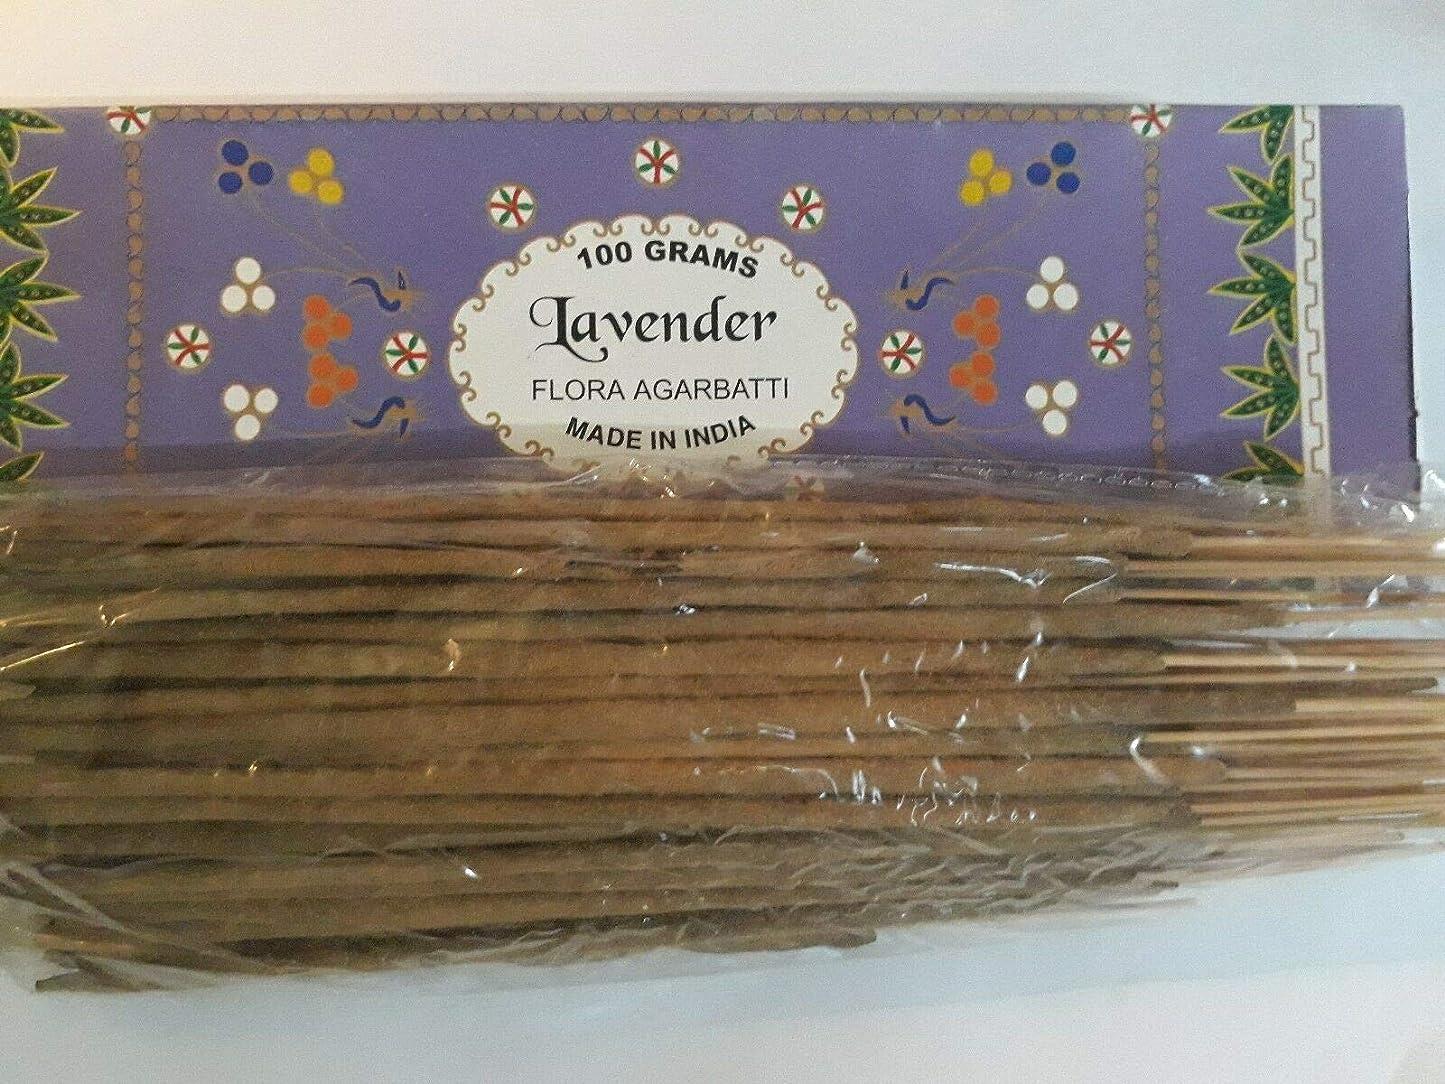 渦大使配当Lavender ラベンダー Agarbatti Incense Sticks 線香 100 grams Flora Incense Agarbatti フローラ